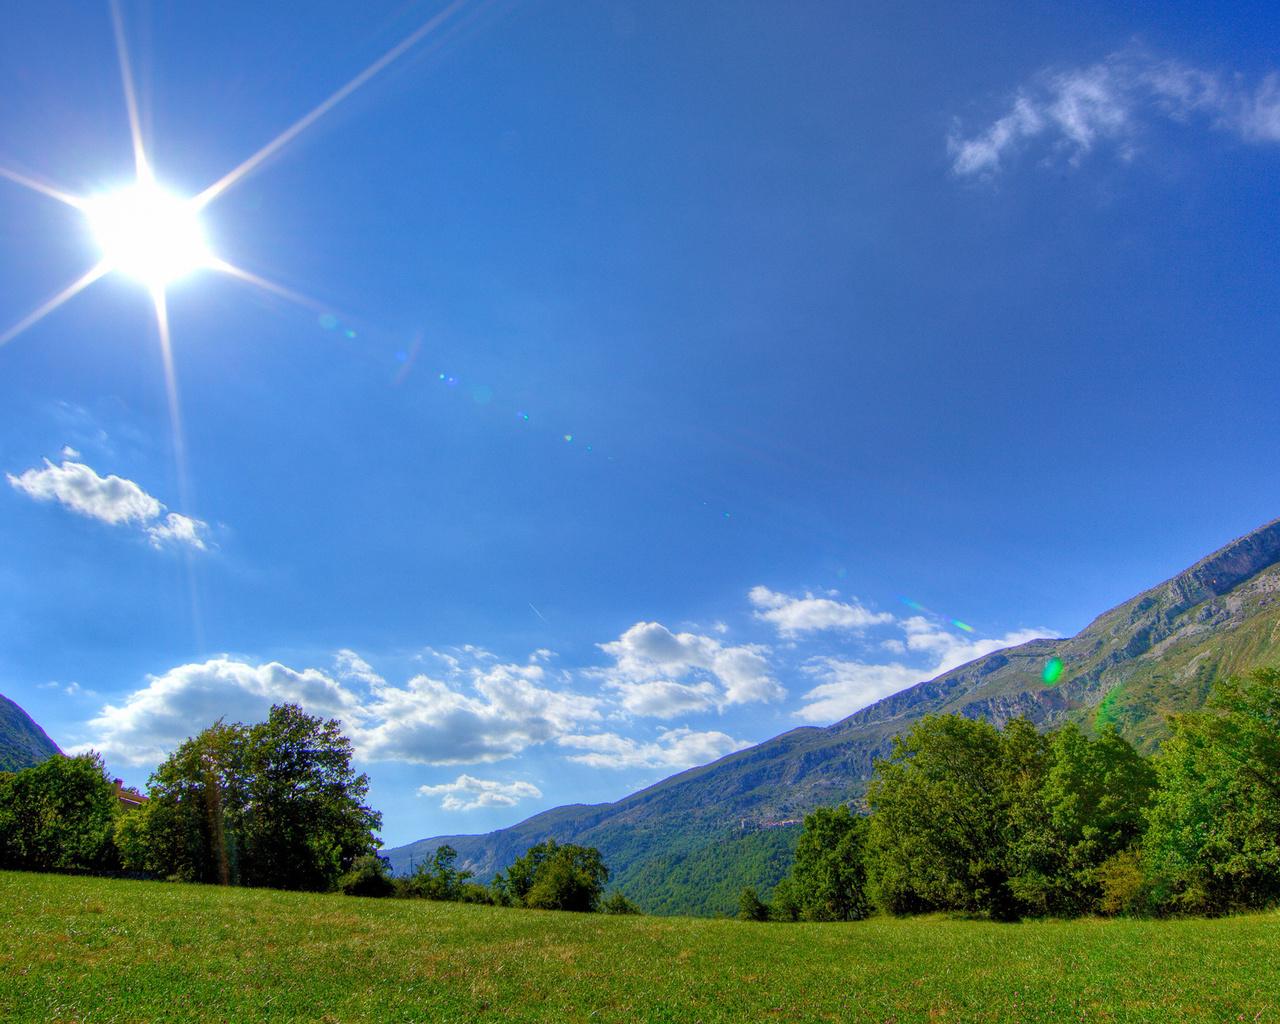 Картинки солнечной погоды летом